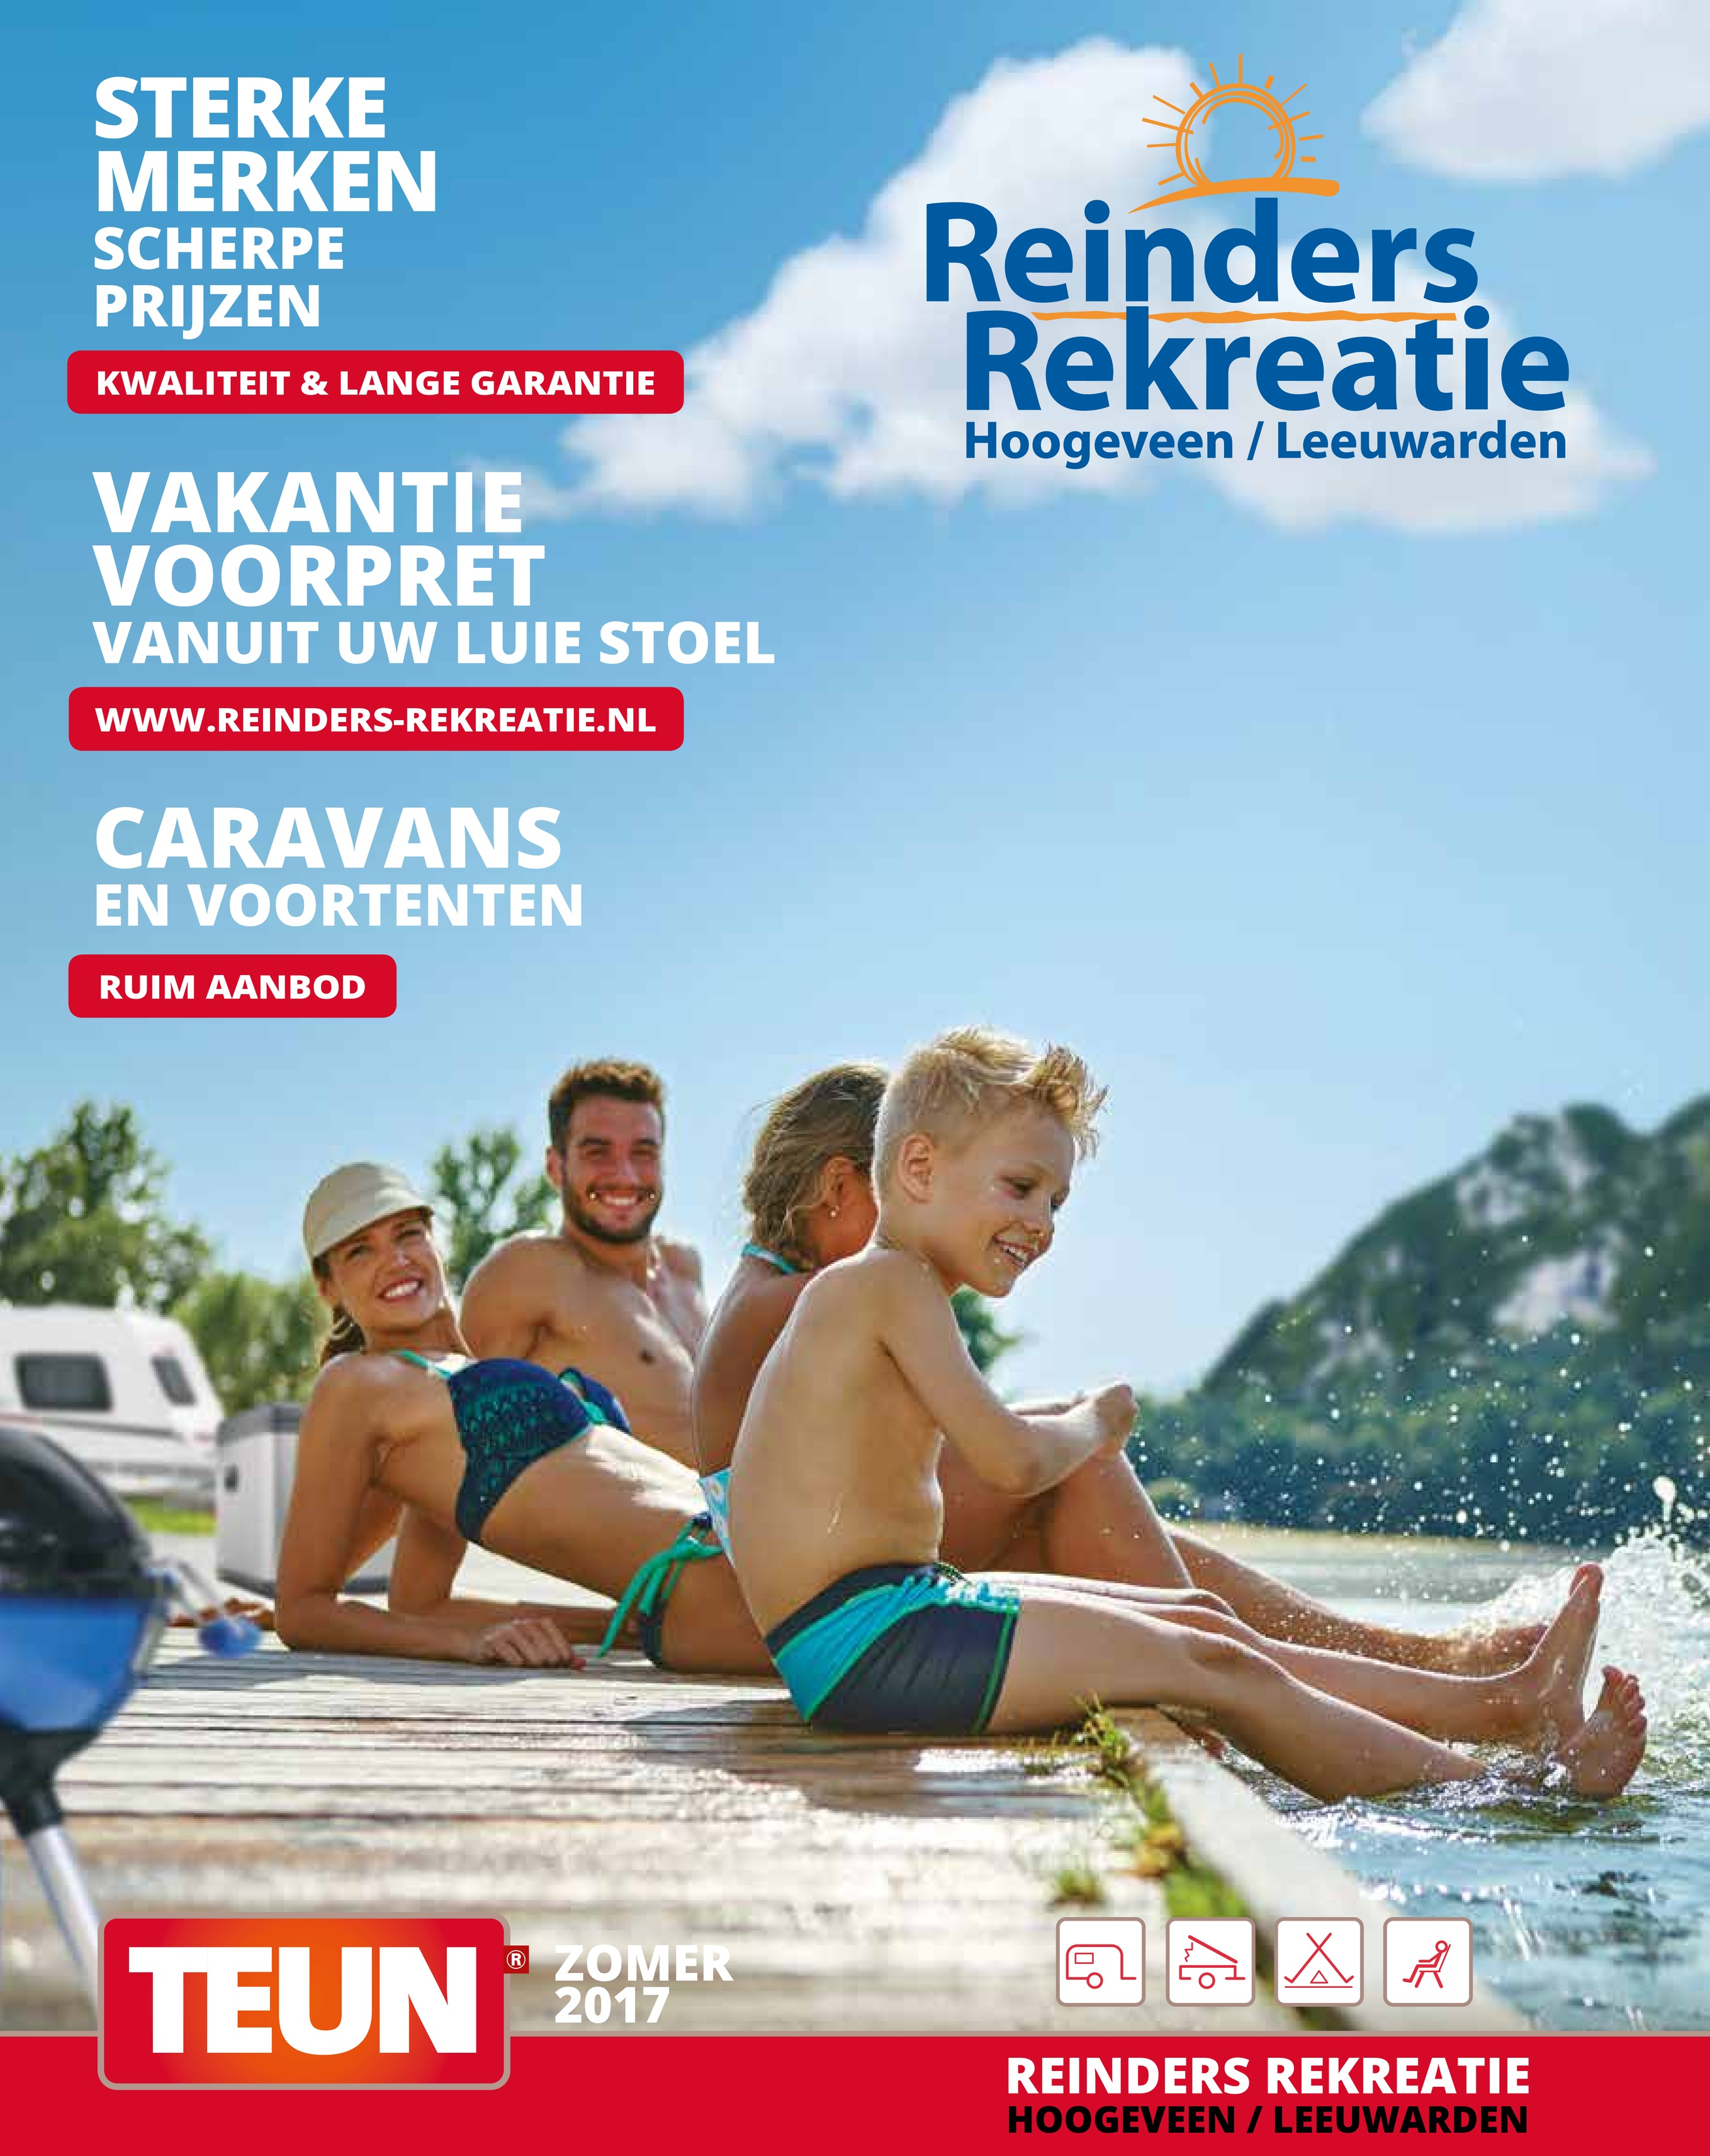 TEUN zomerfolder 2017 Reinders Rekreatie